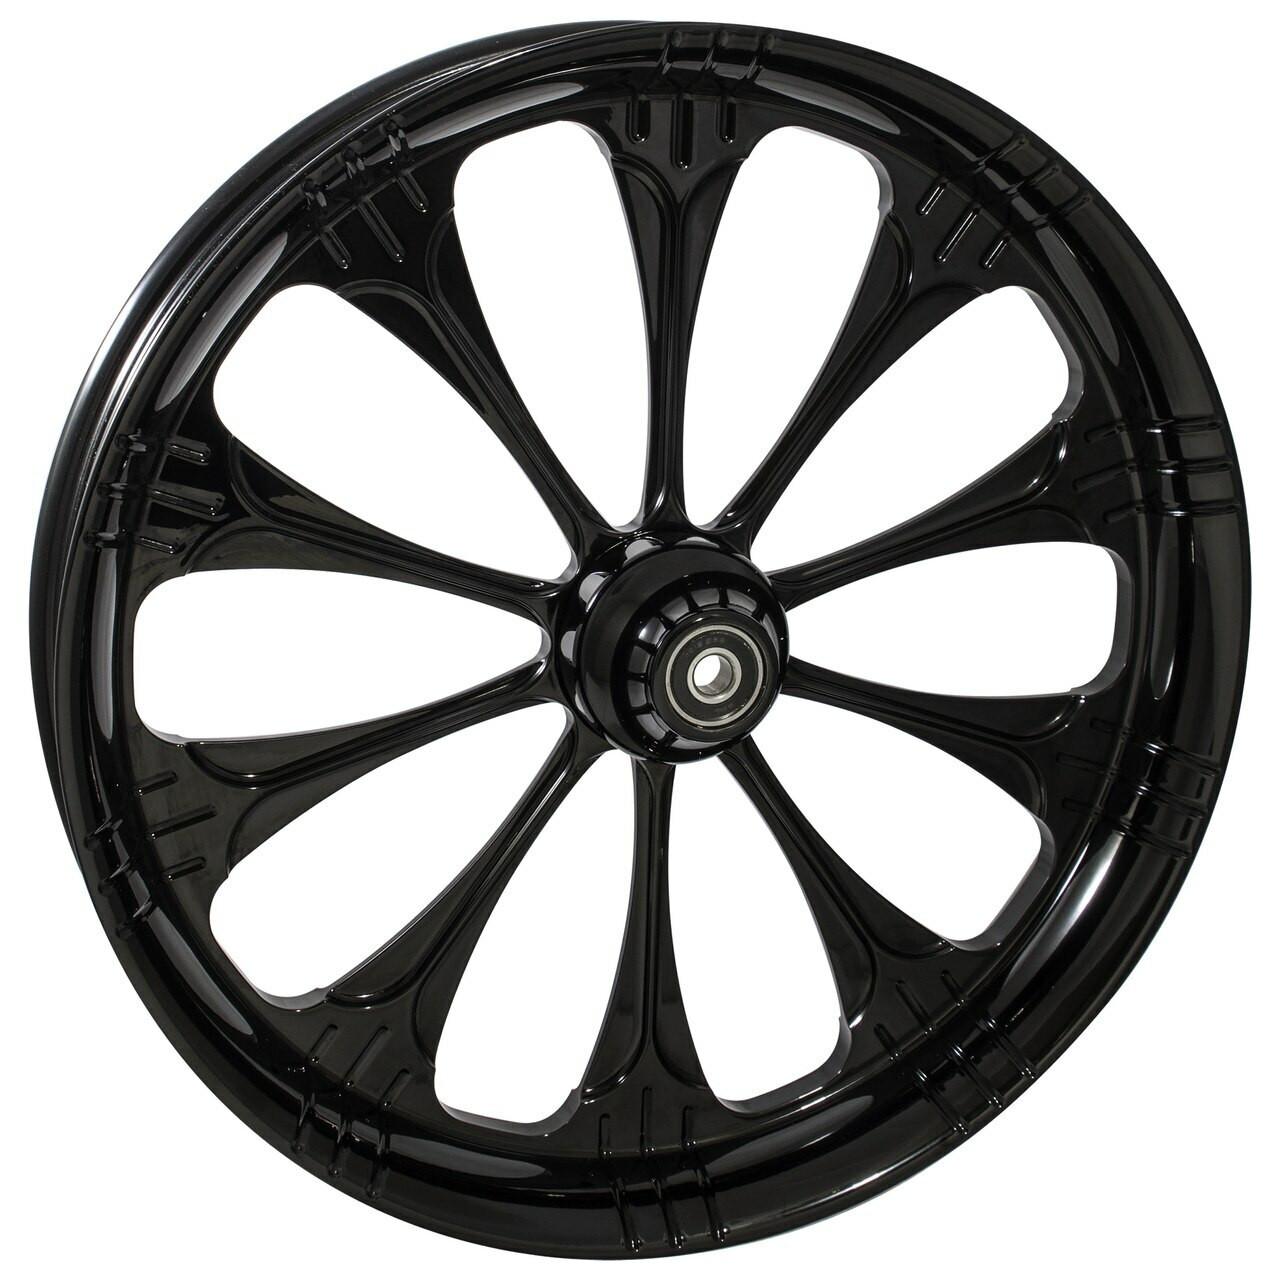 Black Road Glide Wheels Warlock